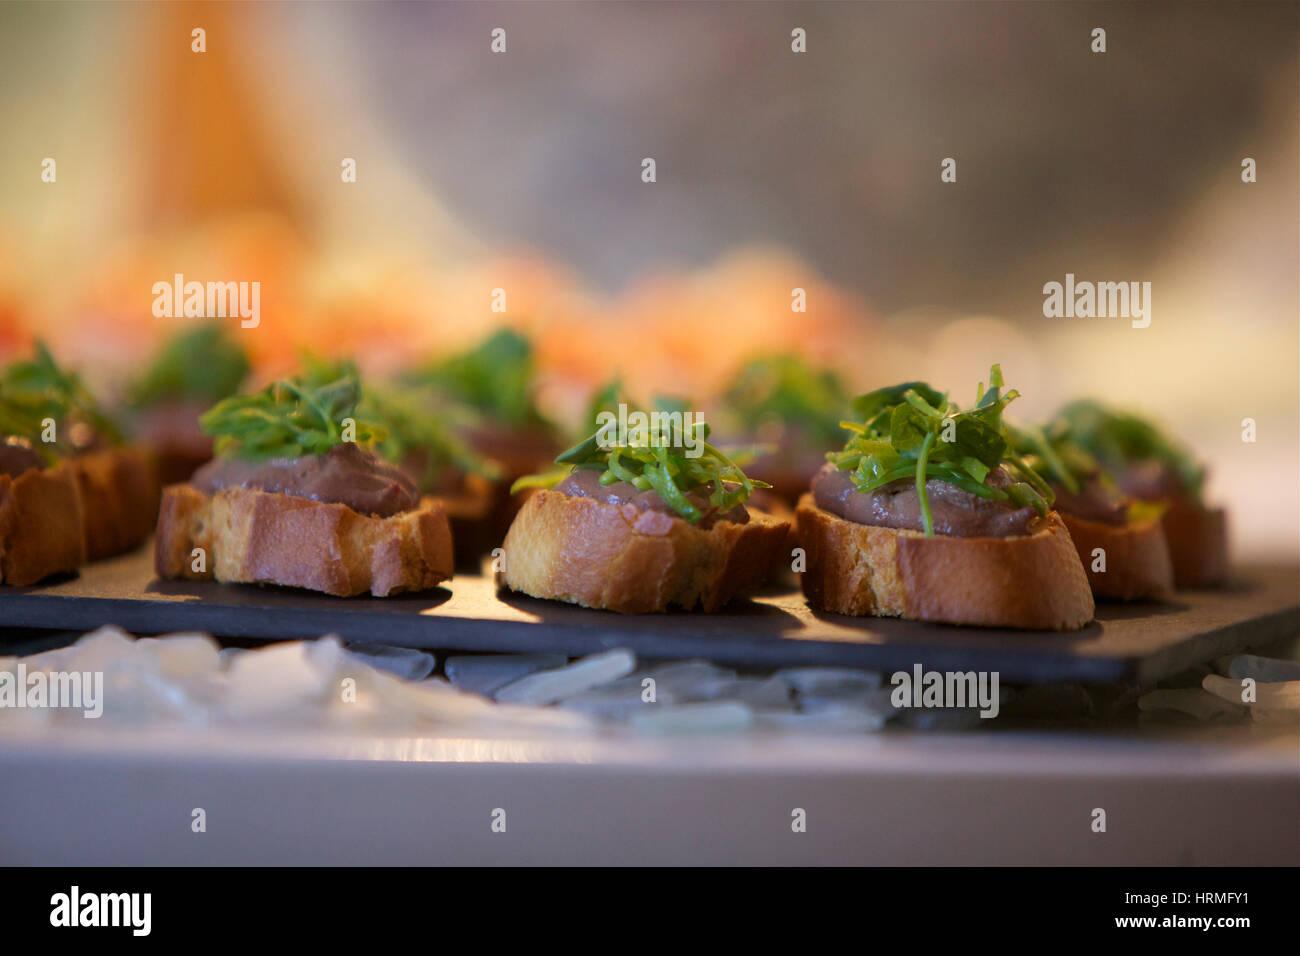 Des canapés lors d'un dîner Photo Stock